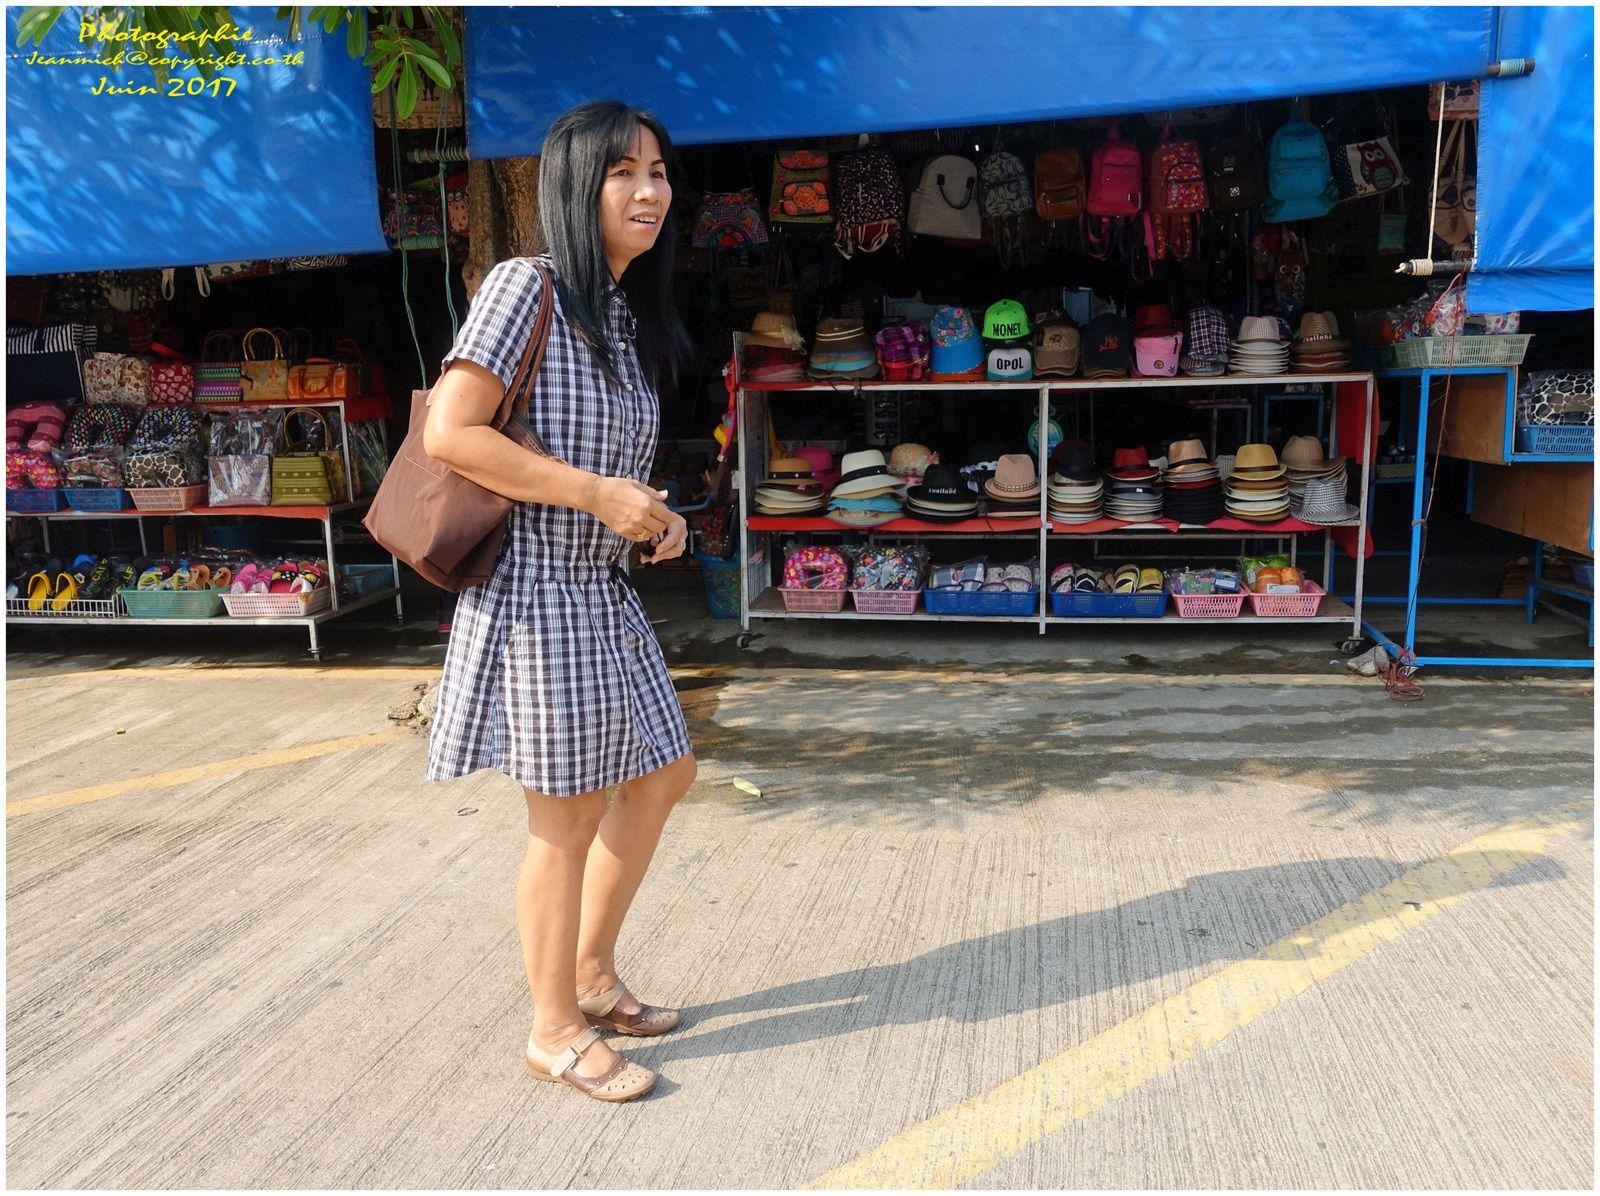 Voyage en Chine première étape (de Khon Kaen à Chiang Khong)